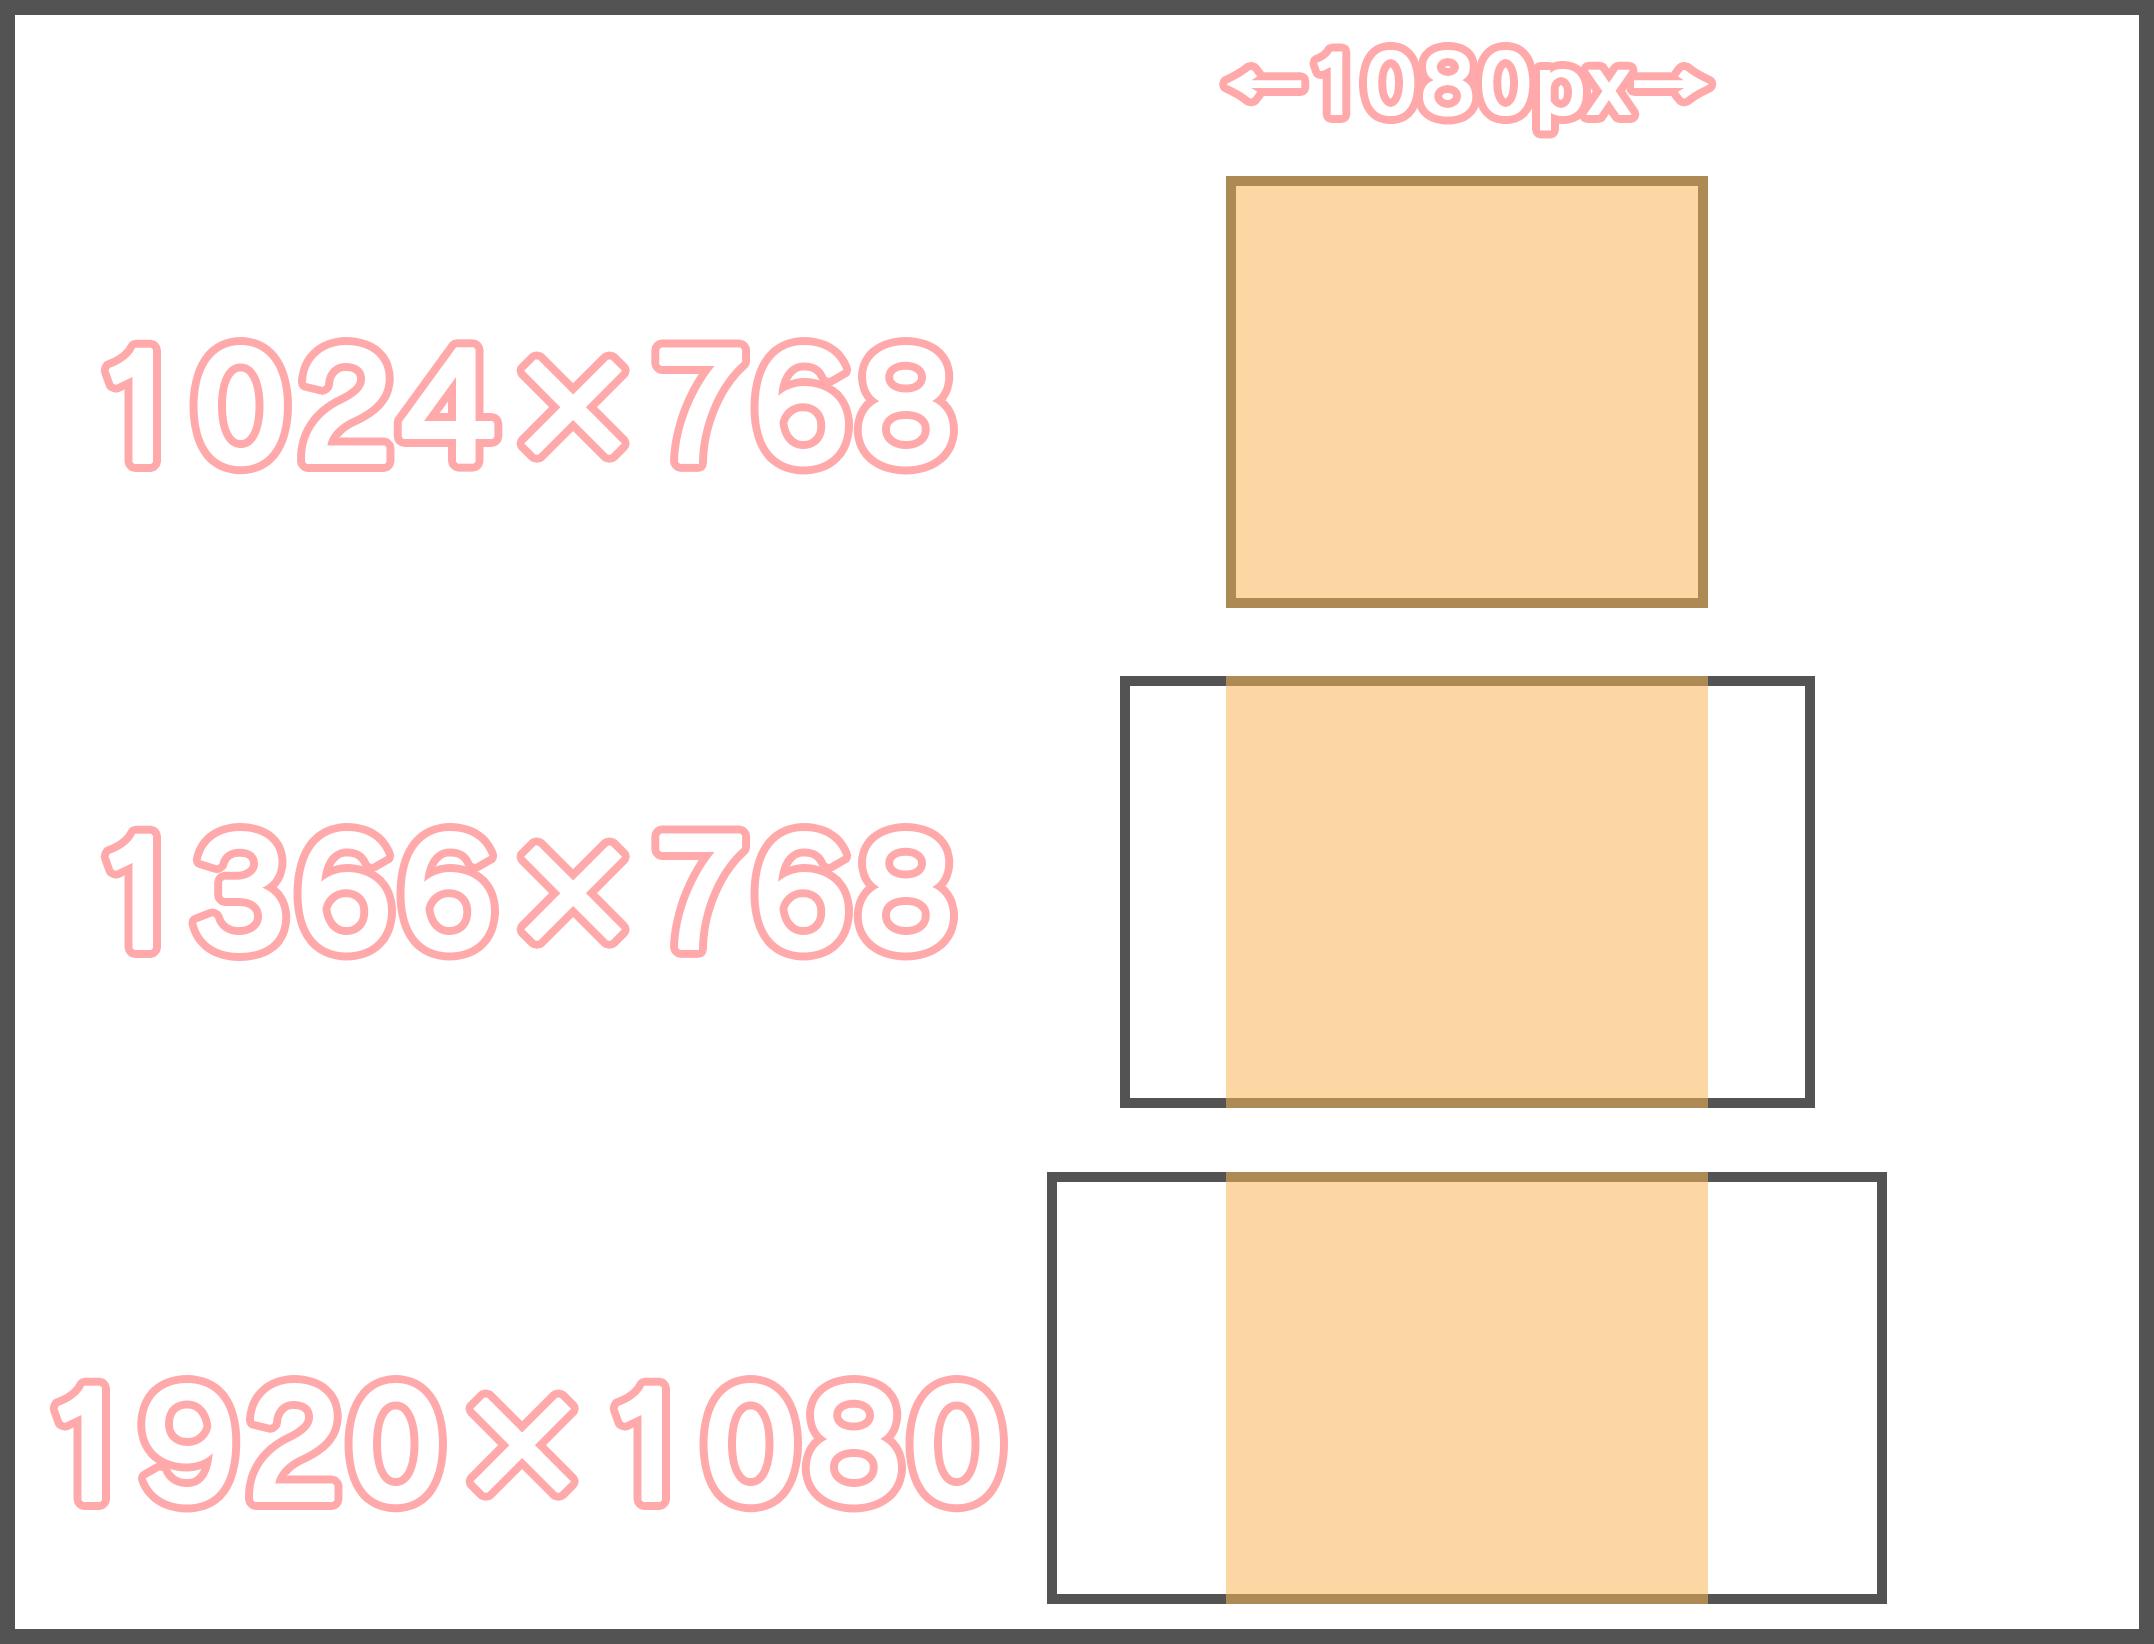 パソコン版のWebデザインはどのサイズで作るべきか?